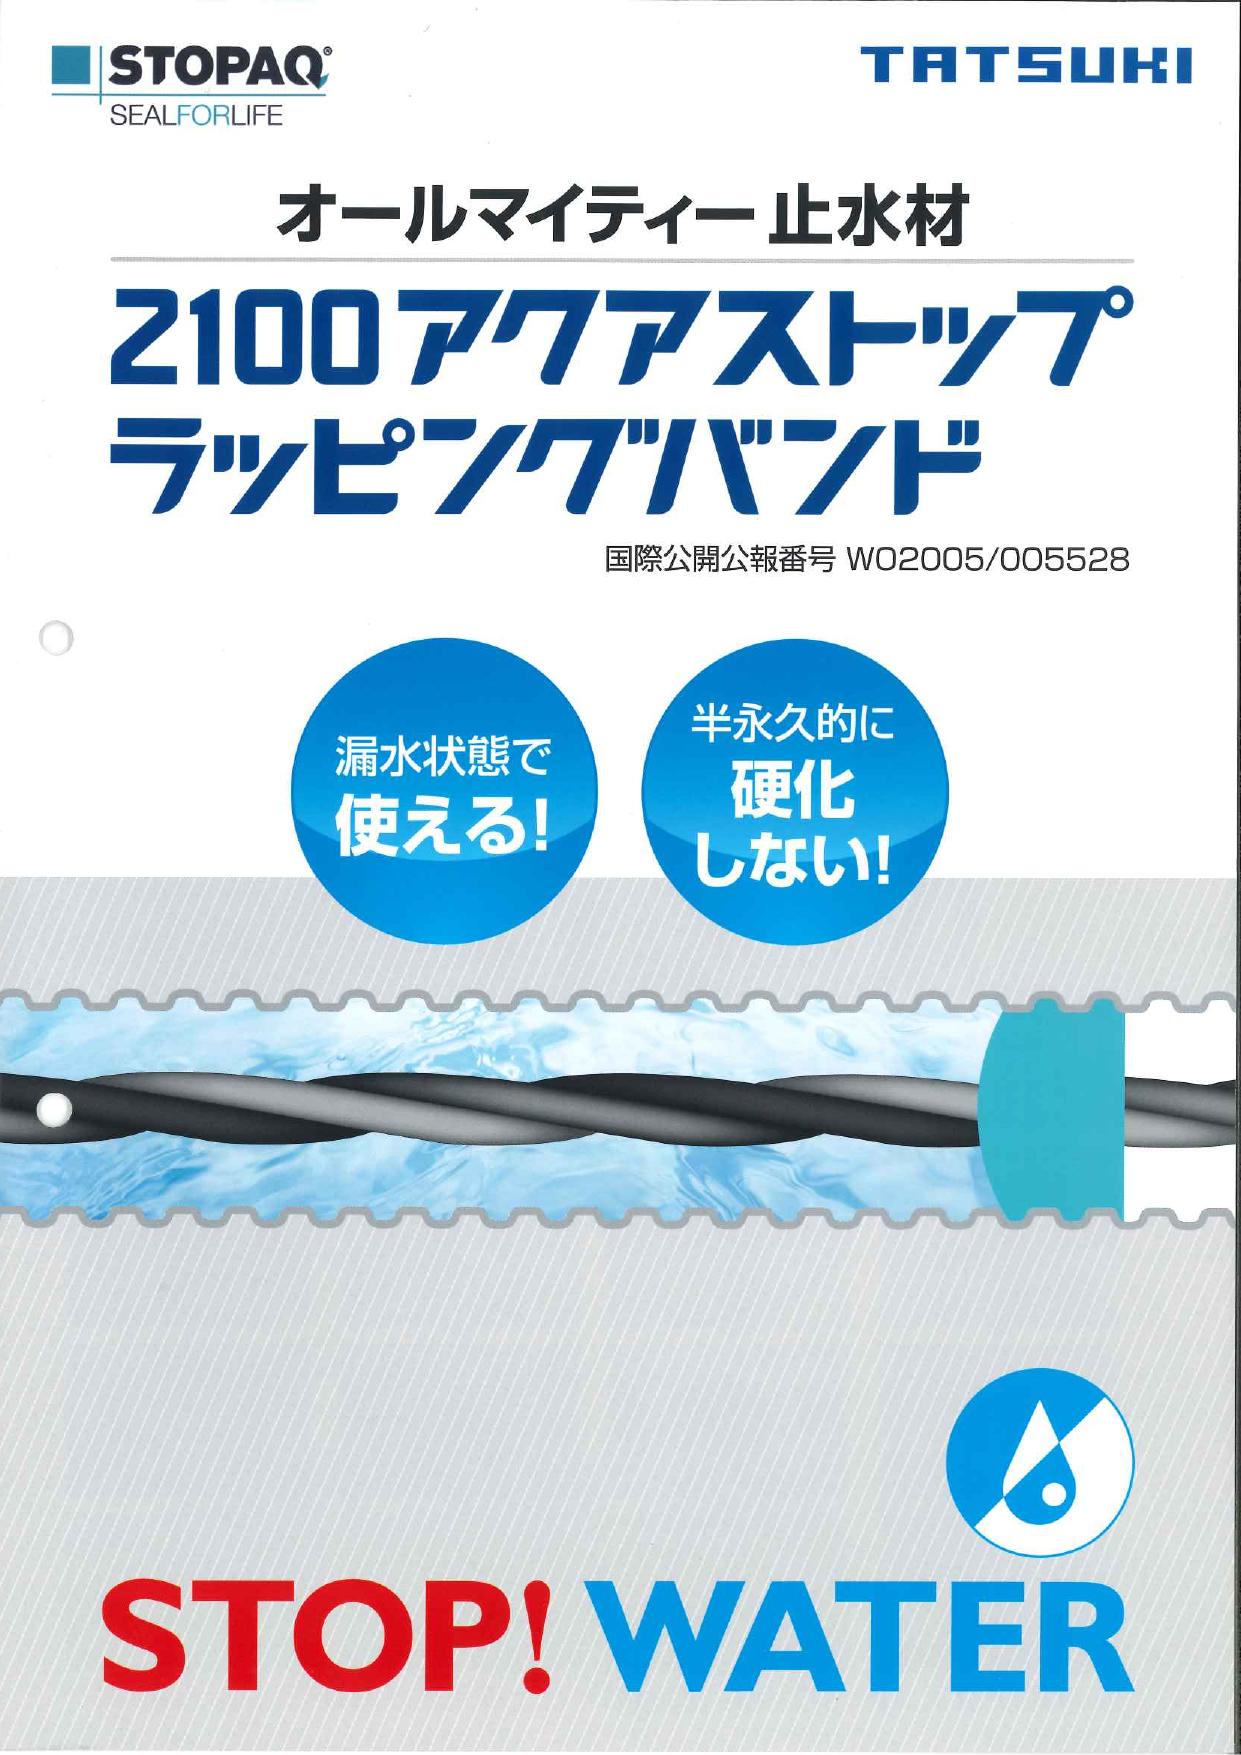 オールマイティー止水材 2100アクアストップラッピングバンド